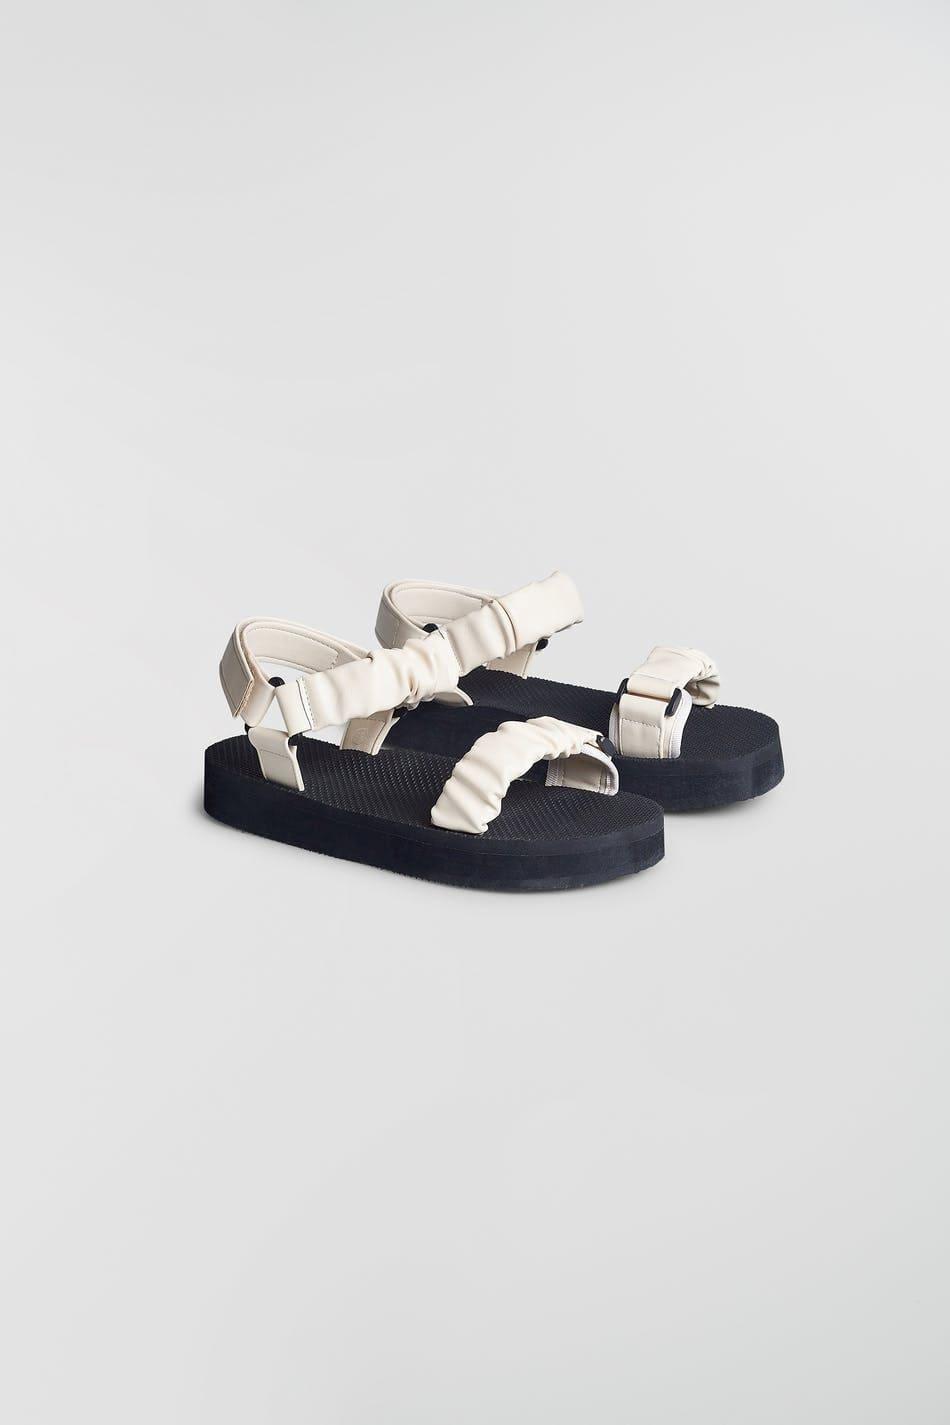 Svarta och vita sandaler med rynkade band